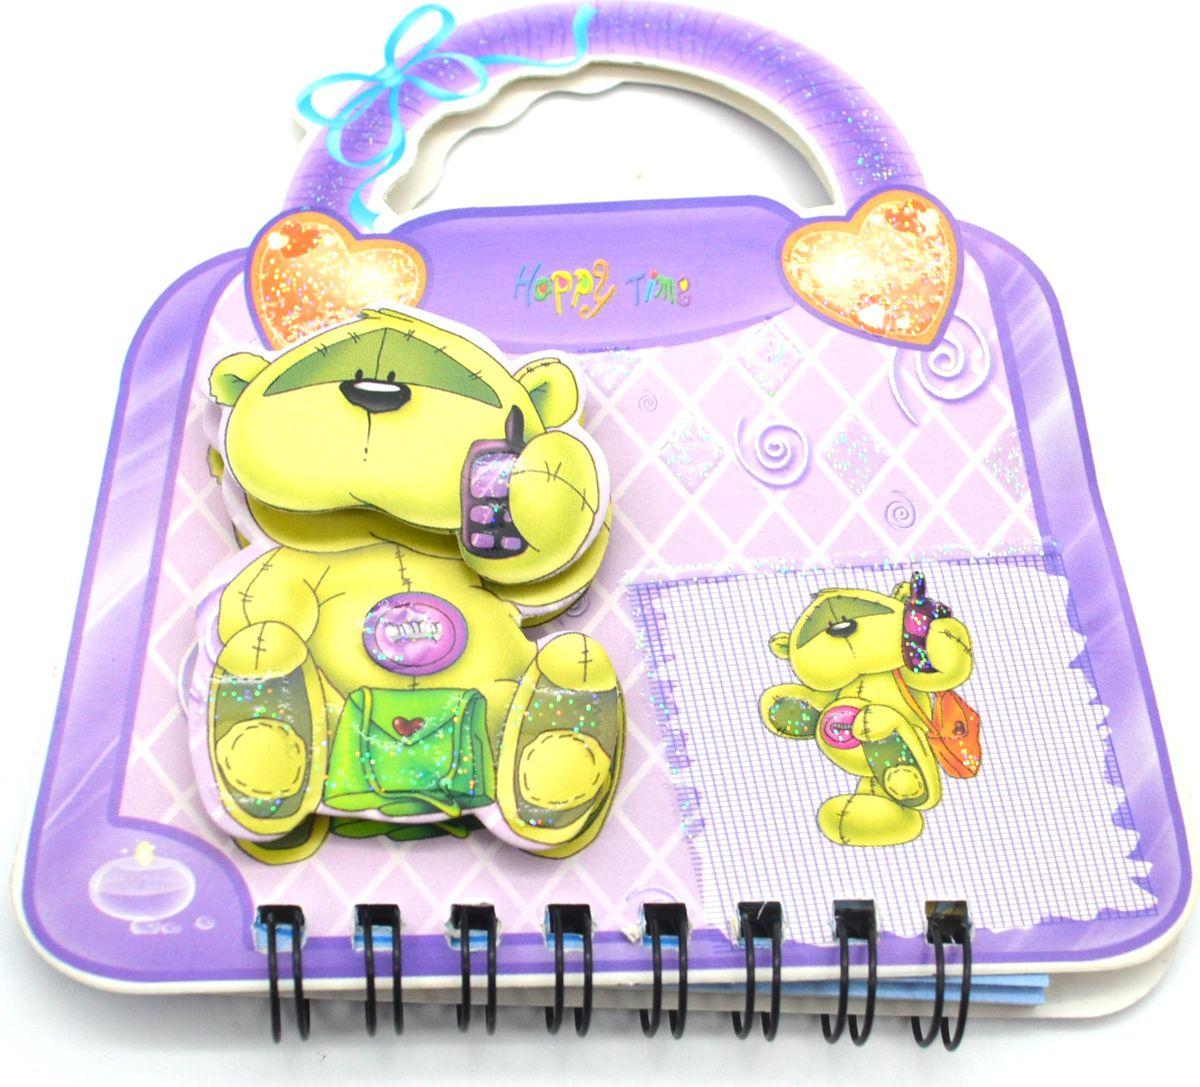 Карамба Блокнот Мишка на сумочке 50 листов в линейку цвет фиолетовый1722398Блокнот Карамба Мишка на сумочке с объемным изображением мишки на лицевой стороне выполнен в виде сумочки с ручками. Блокнот содержит 50 листов в линейку. Листики окрашены в голубой и зеленый цвета. На каждом листочке изображен мишка.